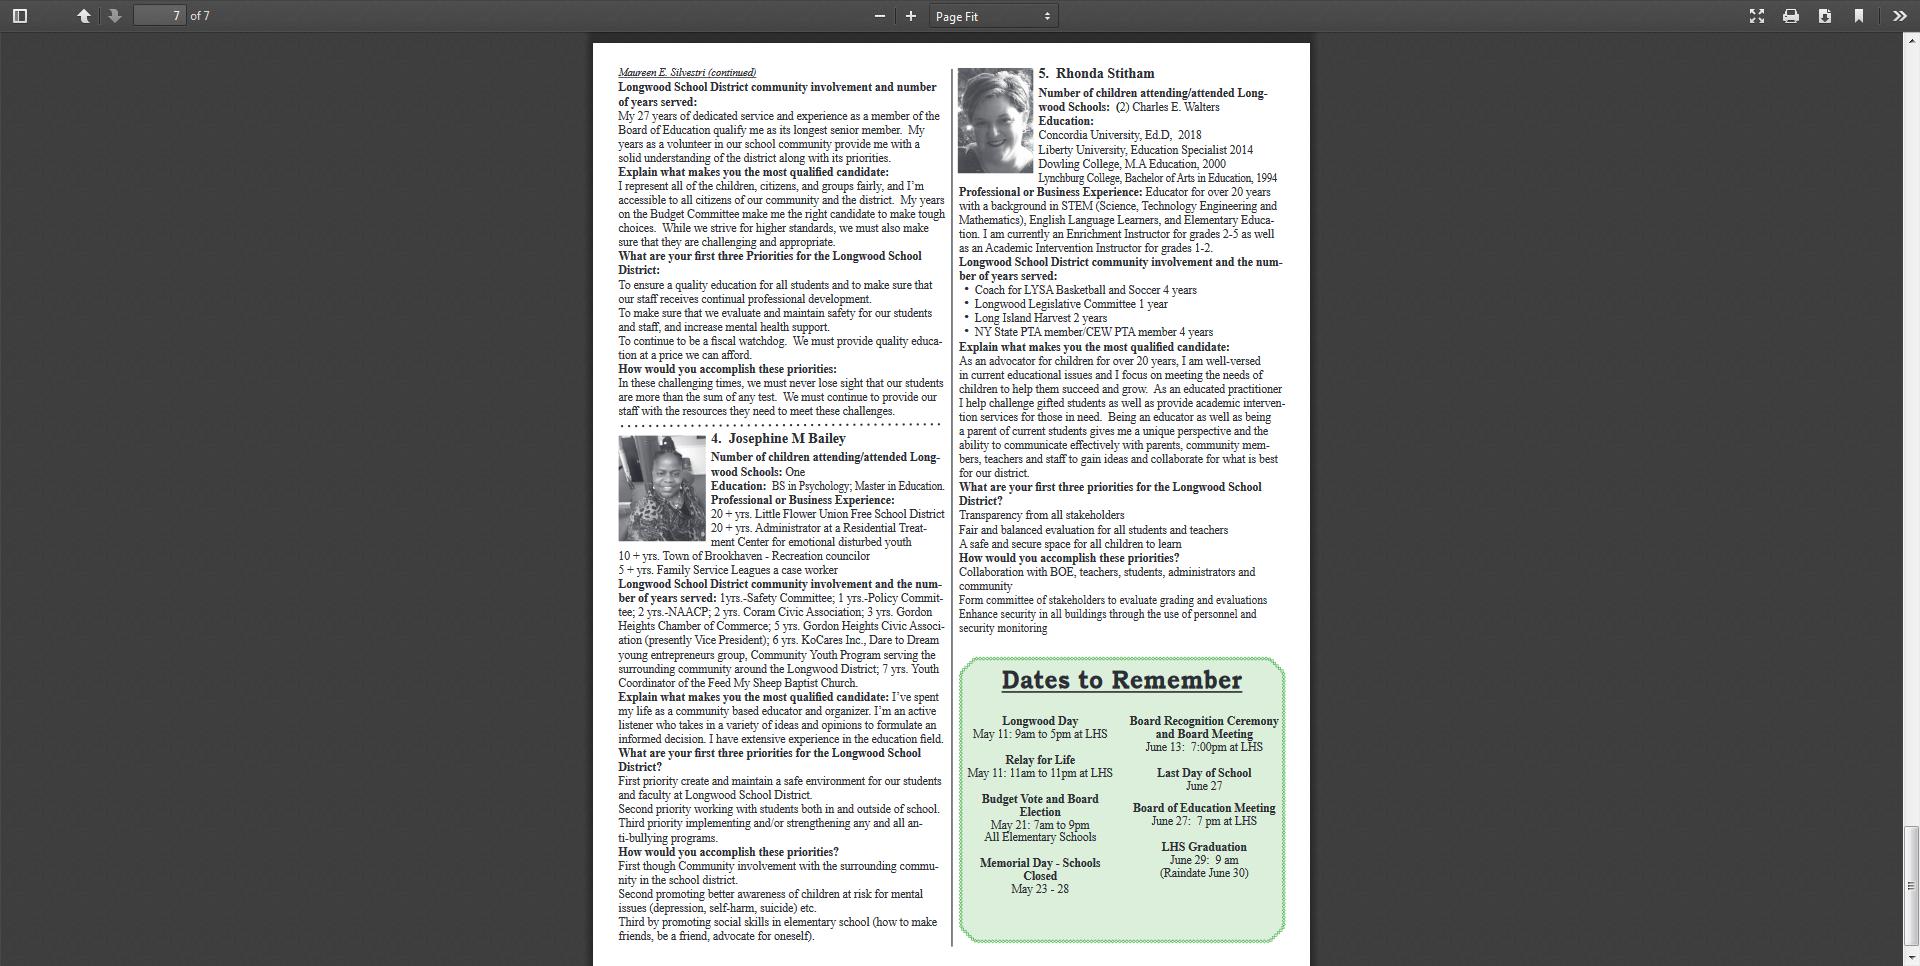 Screenshot_2019-05-05 2019-20 Budget Newsletter for posting indd - 2019-20 Budget Newsletter English for posting pdf(1)